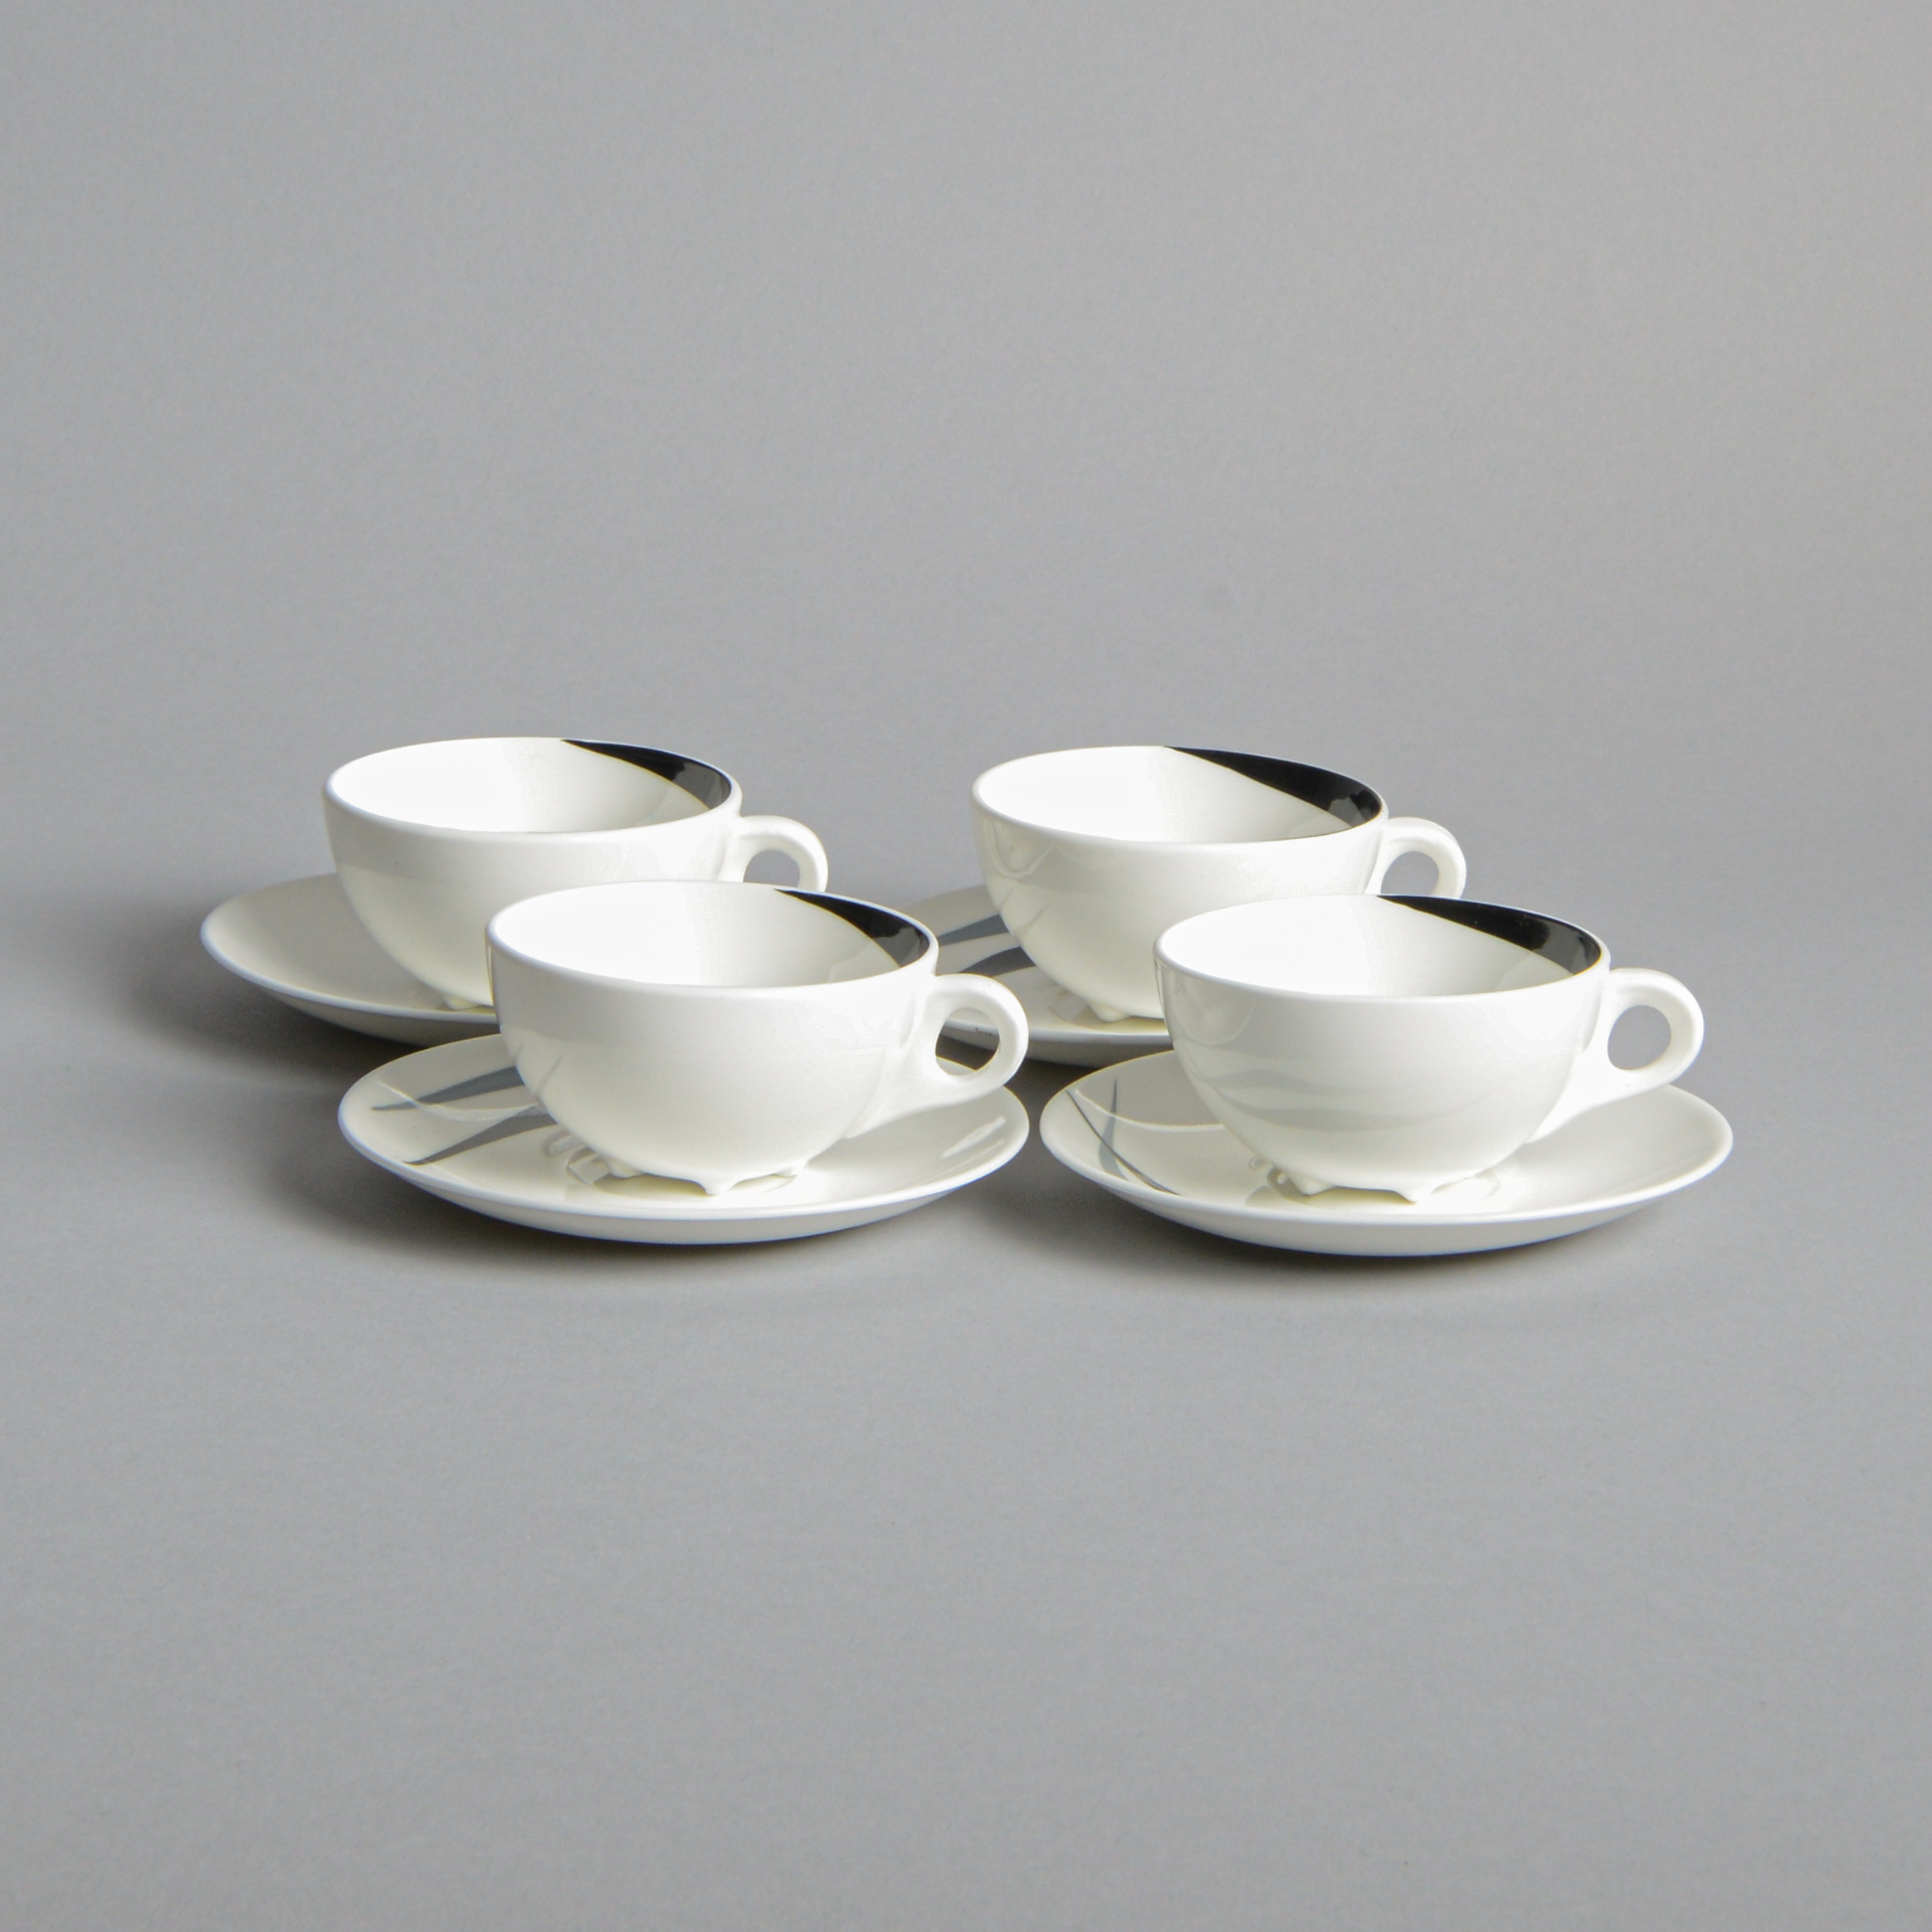 Gustavsberg - Kaffekoppar 4 st troligtvis Stig Lindberg